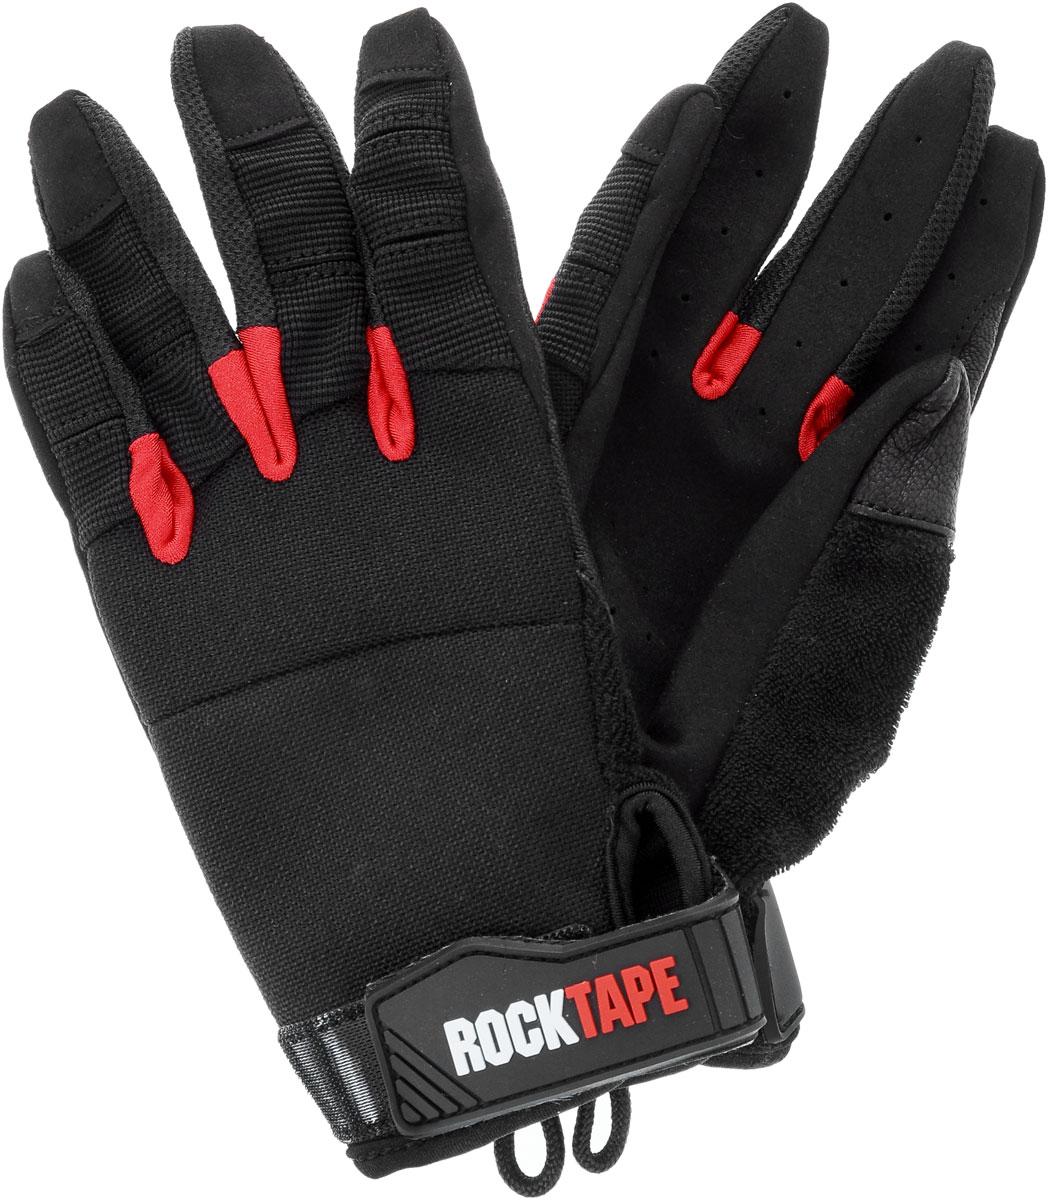 Перчатки Rocktape Talons, цвет: черный, красный. Размер L3B327Rocktape Talons - это функциональные перчатки для спорта. Руль велосипеда, турник, штанга - за что бы вы ни взялись, перчатки обеспечат максимальную защиту и поддержку! Уверенный хват и больше никаких стертых рук, волдырей и мозолей!Особенности перчаток:Дружелюбны к сенсорным экранам.Без швов на ладонях.Силиконовая накладка false-grip поможет в выходах силой.Защита большого пальца при захвате штанги.Впитывают пот.Дышащий материал по боковым поверхностям пальцев.Удобные петли.Рассчитаны на работу с мелом.Обхват ладони ниже костяшки: 23 см.